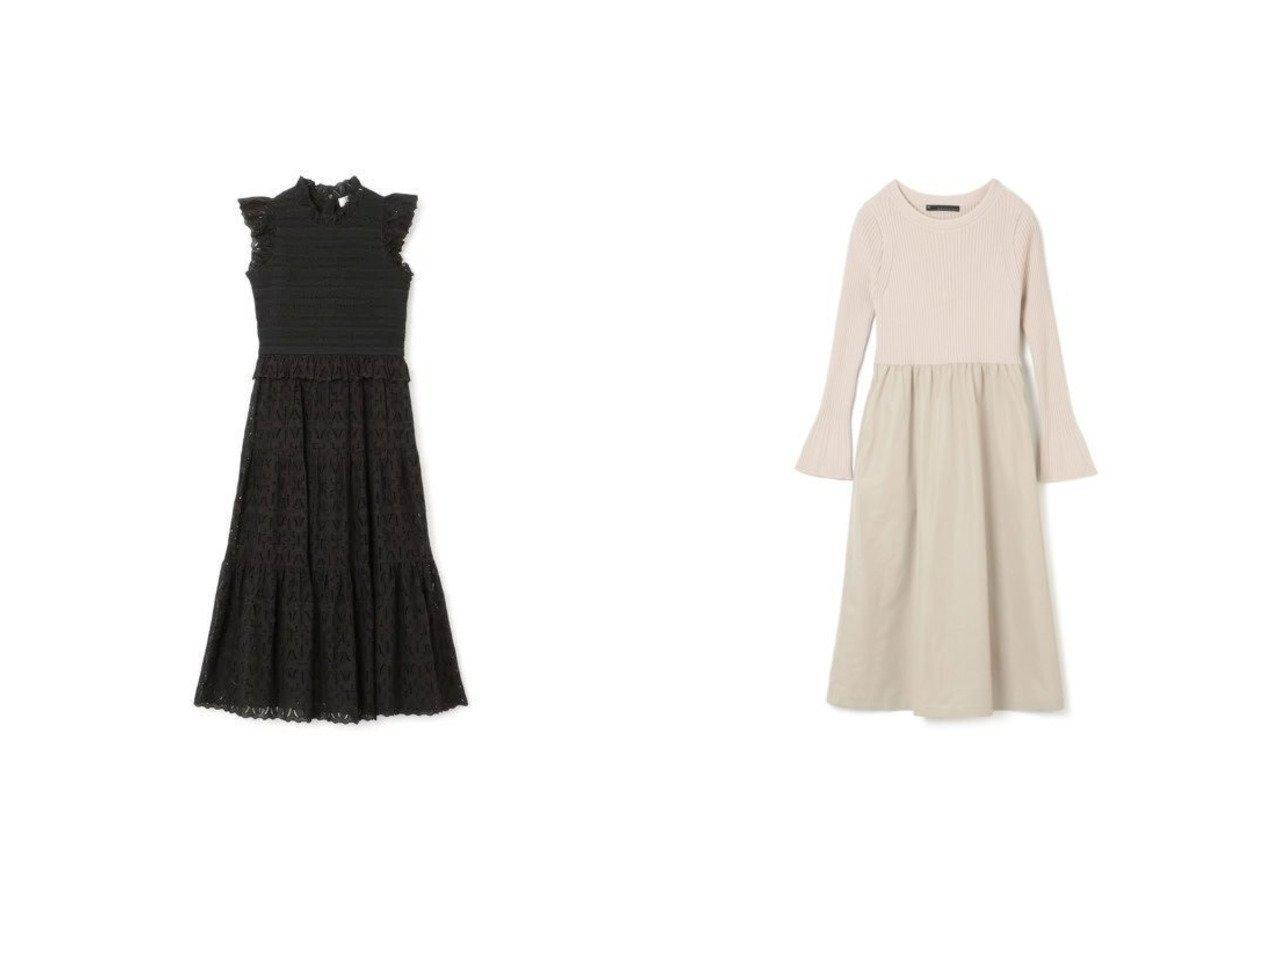 【Sea NEW YORK/シー ニューヨーク】のINGRID SMOCKED MIDI DRESS&【martinique/マルティニーク】のワンピース ワンピース・ドレスのおすすめ!人気、トレンド・レディースファッションの通販 おすすめで人気の流行・トレンド、ファッションの通販商品 メンズファッション・キッズファッション・インテリア・家具・レディースファッション・服の通販 founy(ファニー) https://founy.com/ ファッション Fashion レディースファッション WOMEN ワンピース Dress ドレス Party Dresses ニットワンピース Knit Dresses 2021年 2021 2021 春夏 S/S SS Spring/Summer 2021 S/S 春夏 SS Spring/Summer クラシック ドレス バランス フォーマル フリル ロング 半袖 コンパクト コンビ タフタ フレア 長袖  ID:crp329100000014775